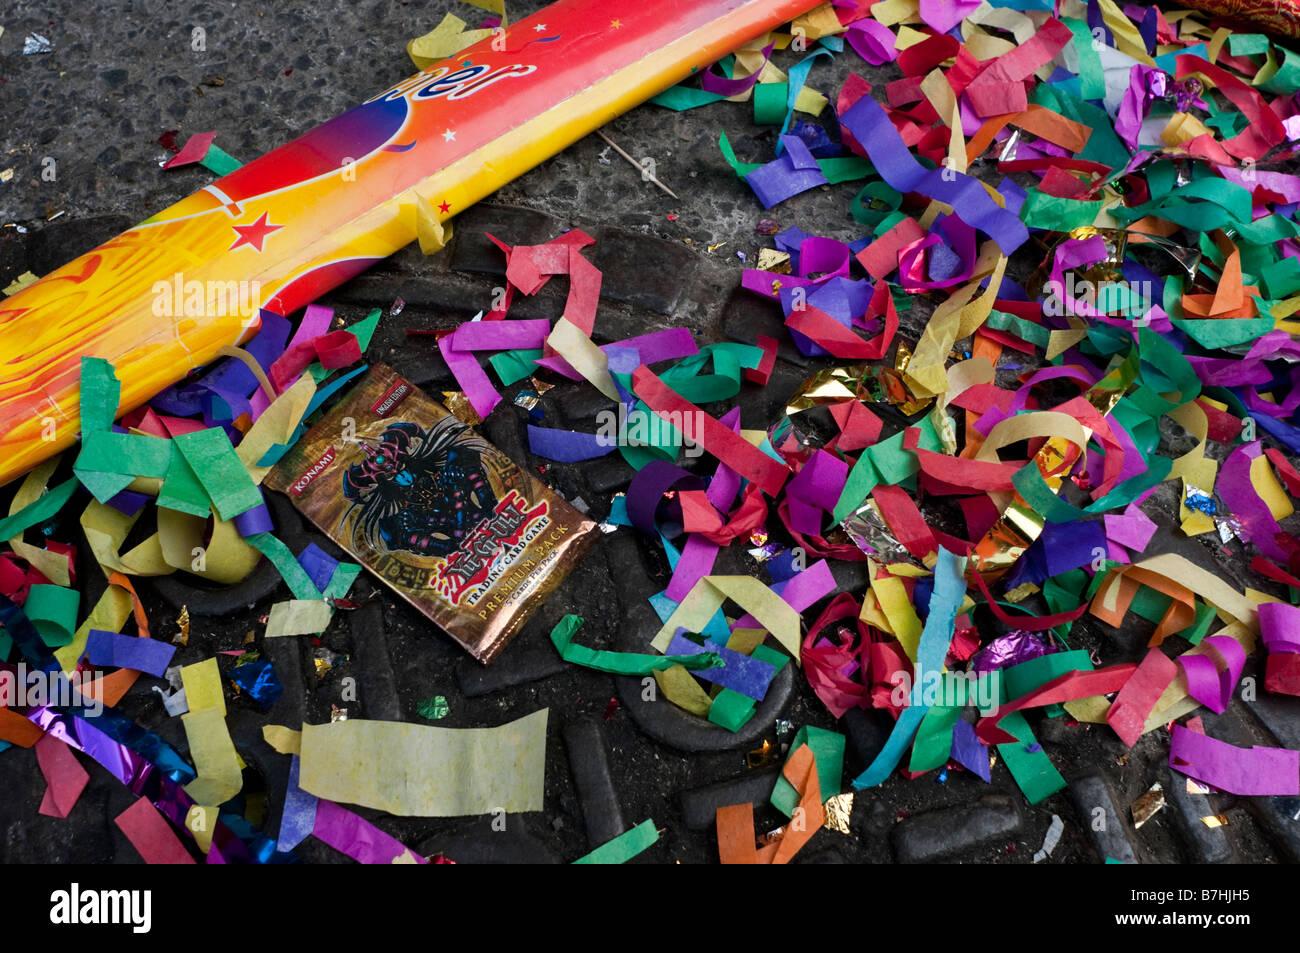 New York NY 26 gennaio 2009 Chinatown marchi comunitari il nuovo anno lunare Immagini Stock